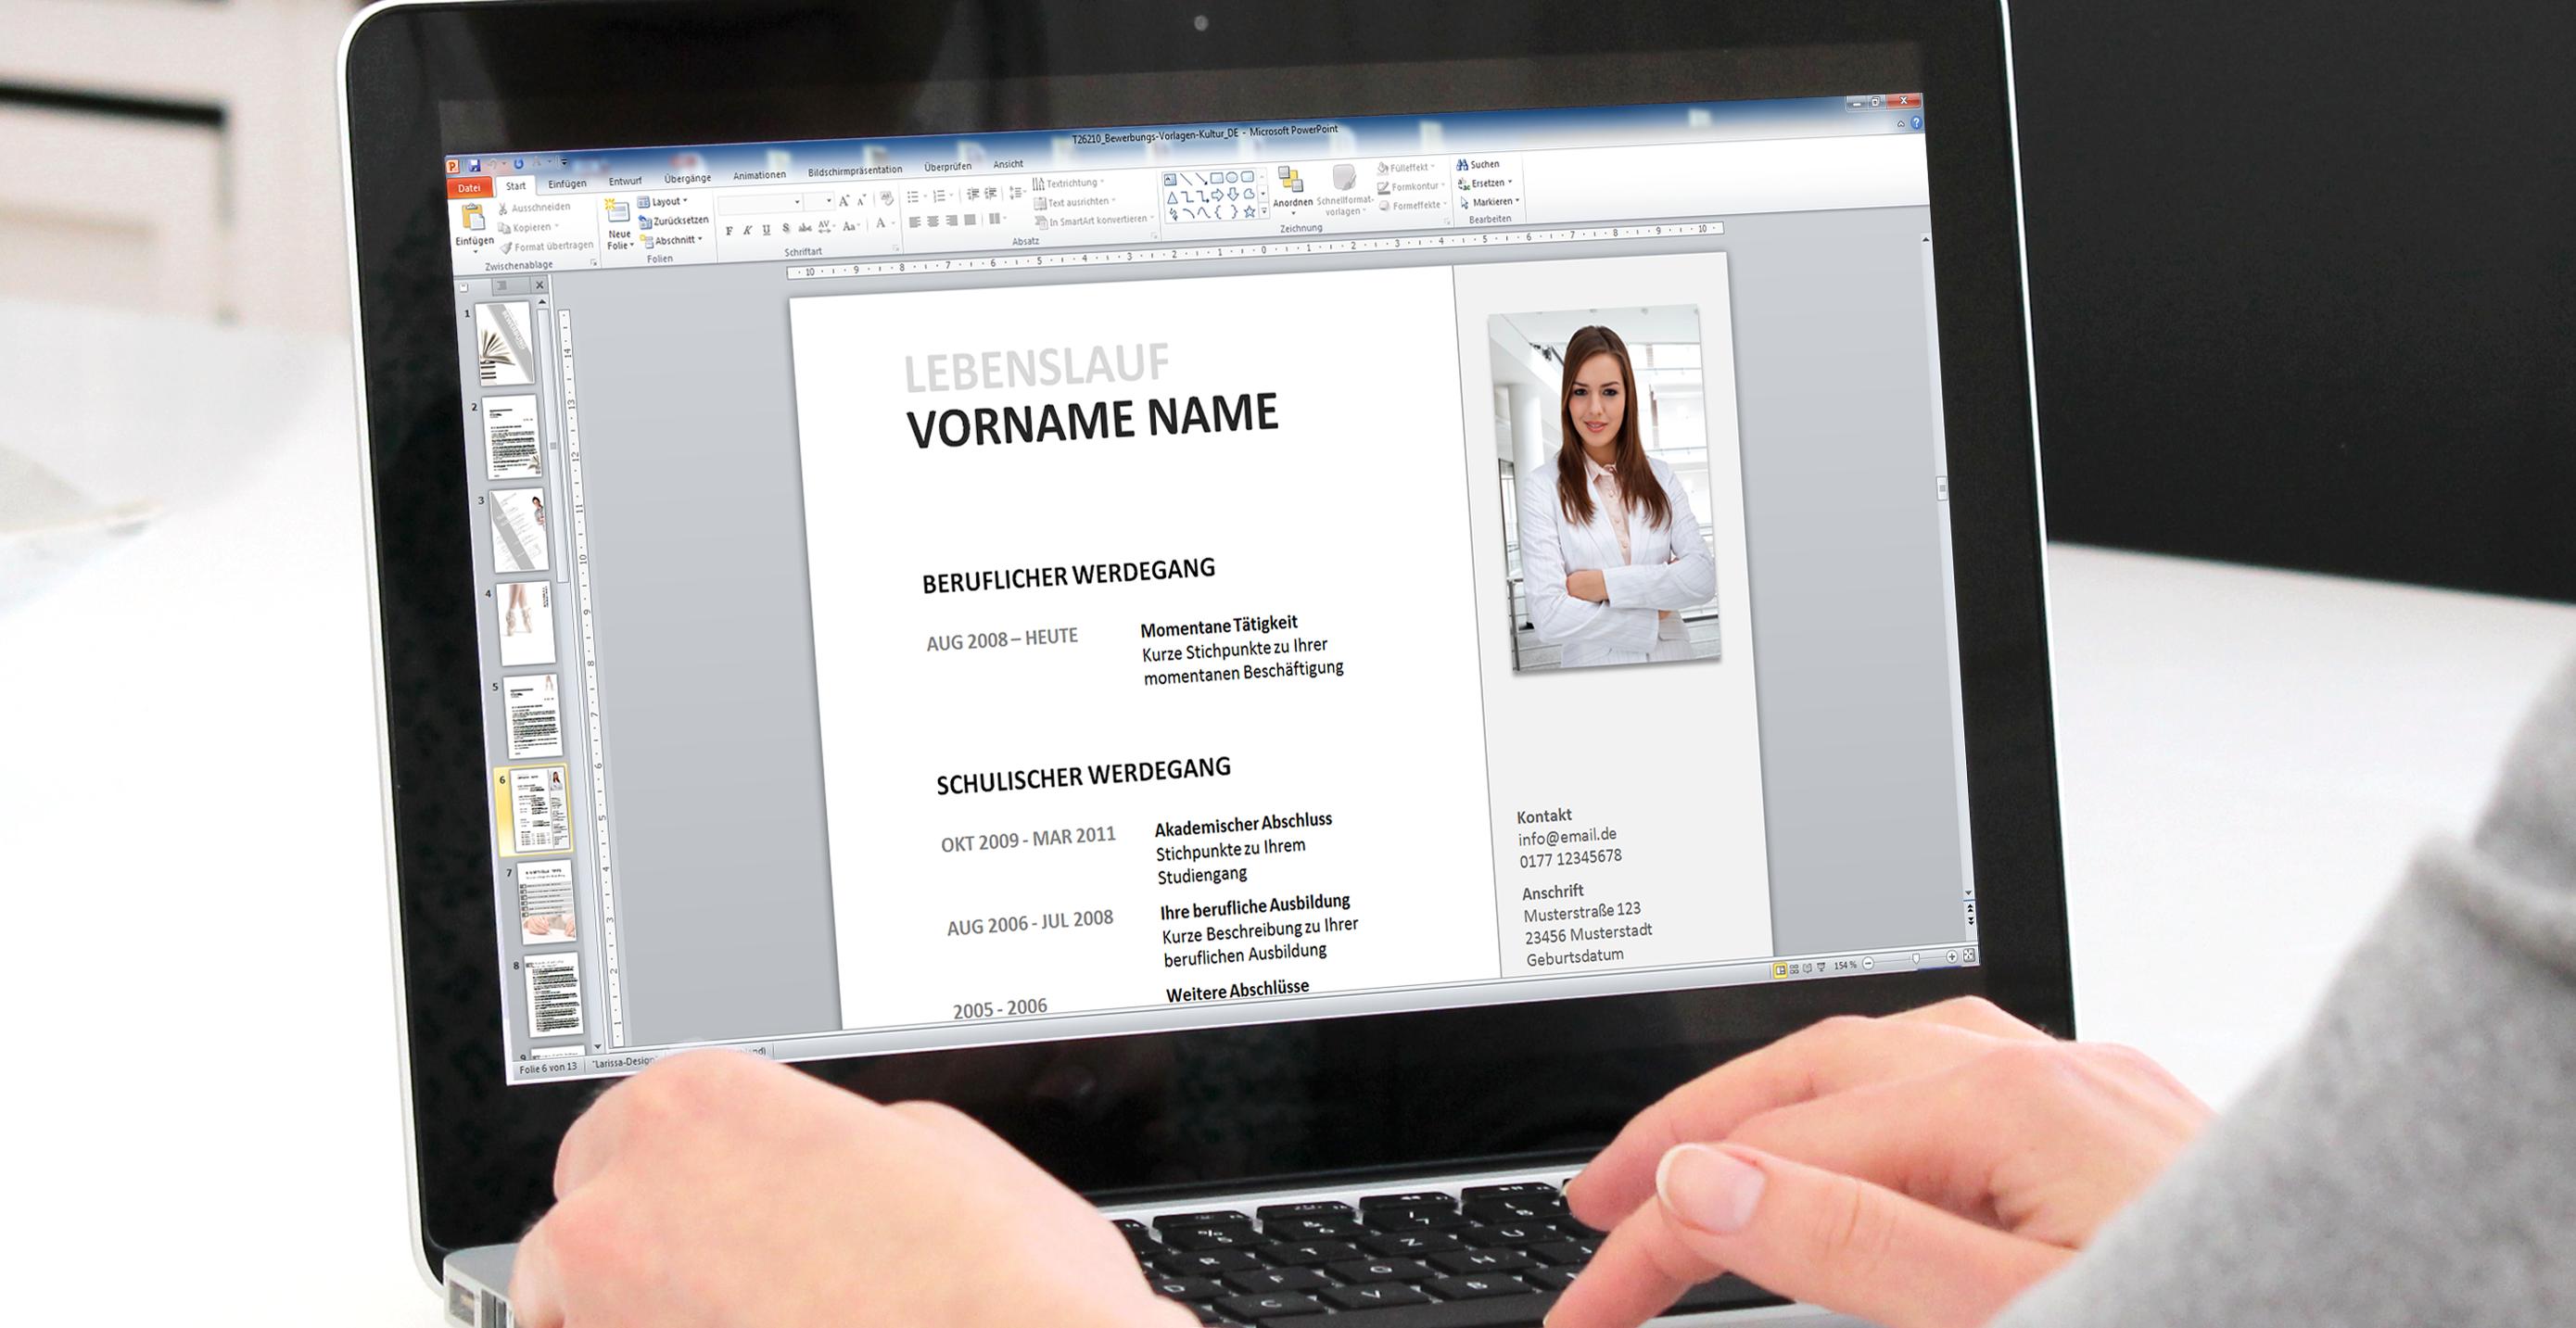 mit powerpoint bewerbungsvorlagen erfolgreich zum job - Selbstprasentation Powerpoint Muster